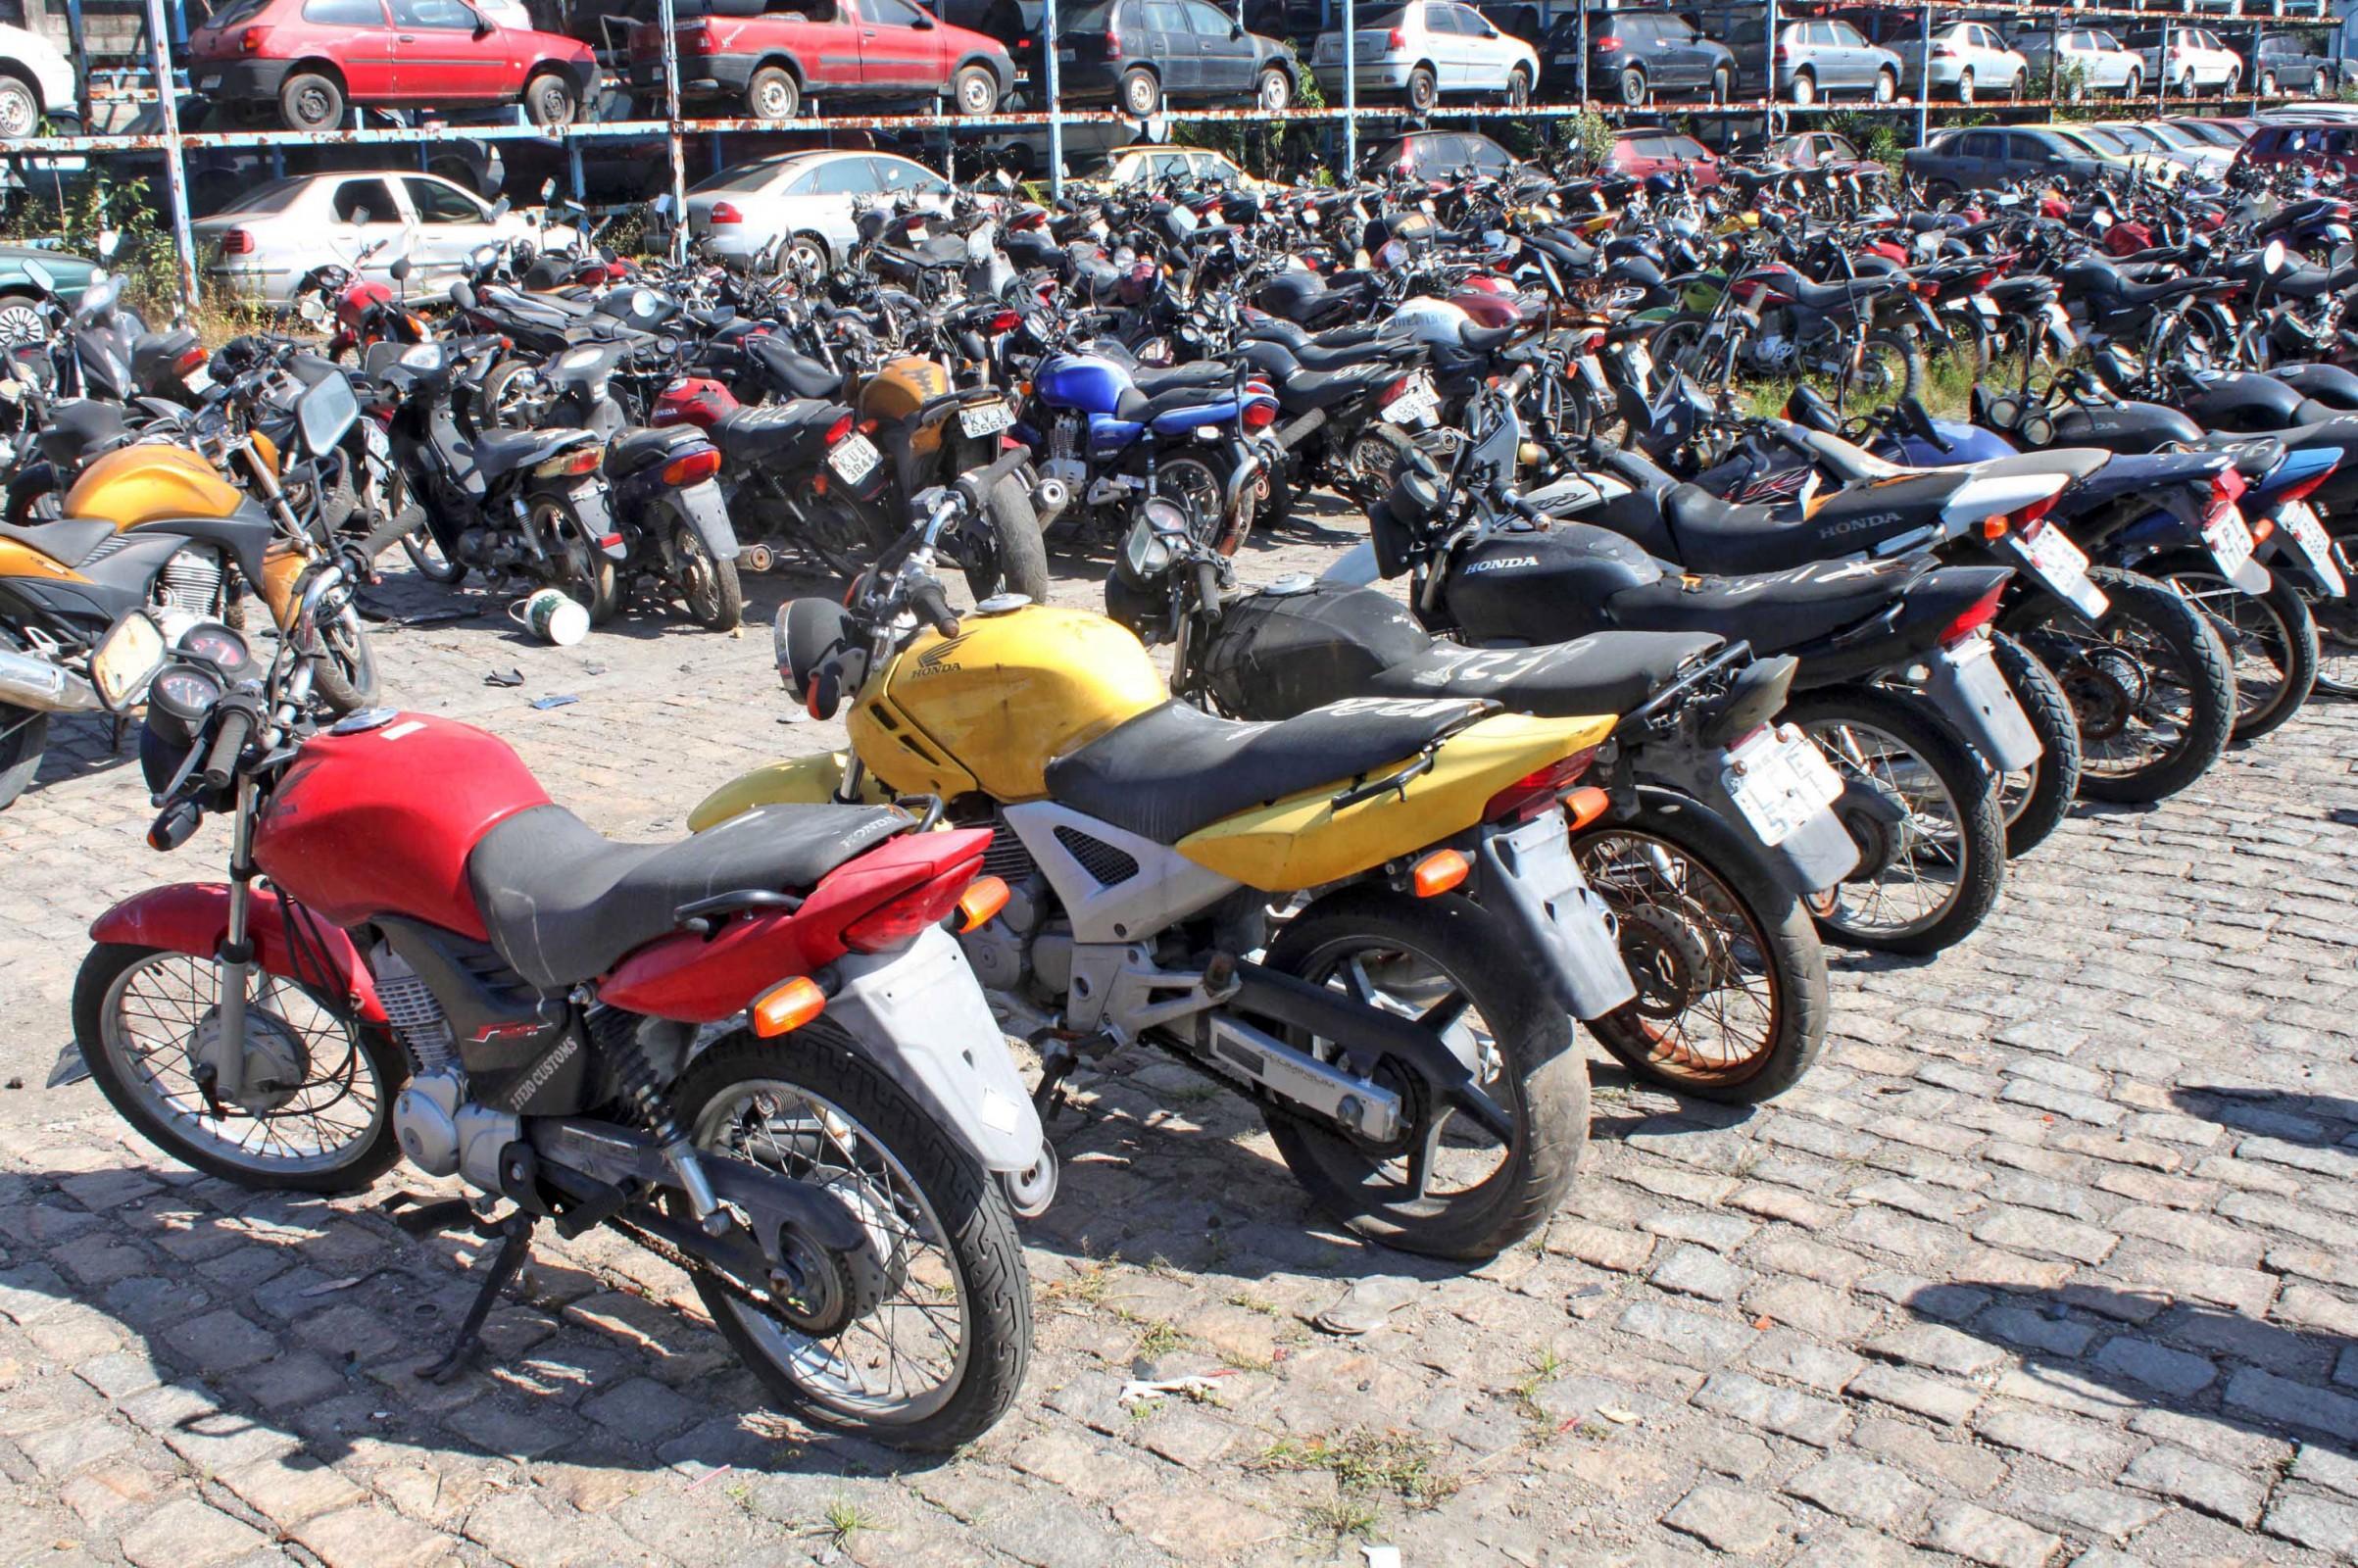 Motocicletas perfiladas em um pátio para serem licenciadas